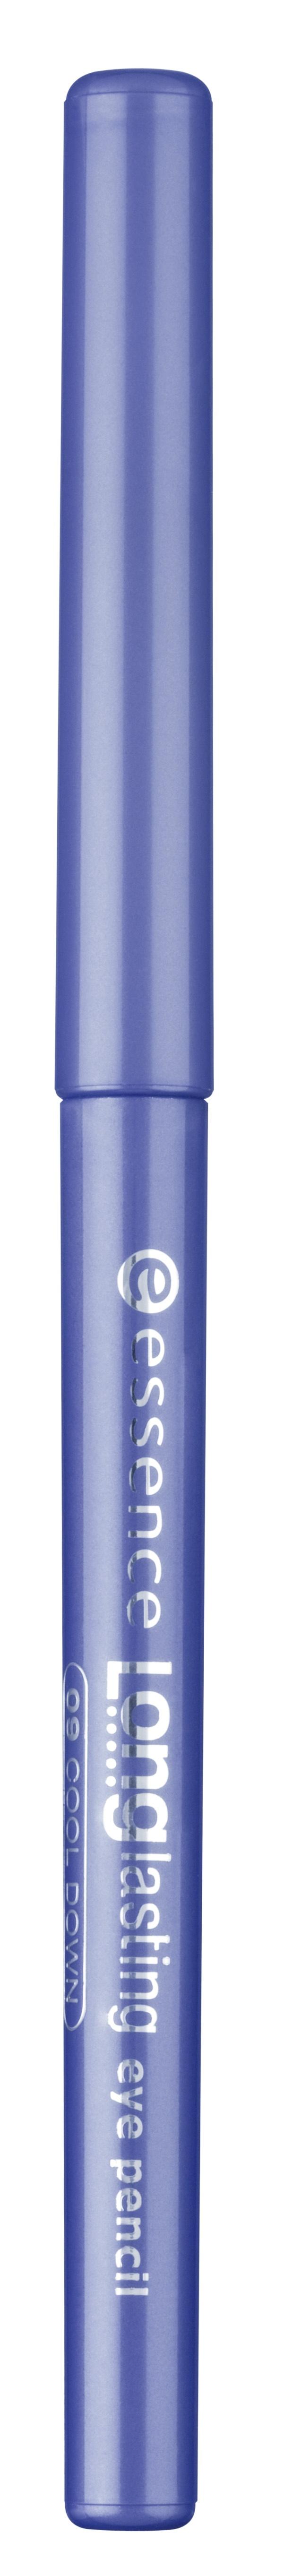 essence Карандаш для глаз Long lasting синий т.09, 0,28гр41473Long lasting от Essence - мягкий карандаш для глаз, предназначенный для точного нанесения линий. Стойкость и интенсивный цвет: благодаря инновационному поворотному механизму этот карандаш позволяет невероятно легко создать четкий, аккуратный и выразительный контур. Не требует заточки. Достоинства: Мягко и нежно ложится на векоНасыщенный пигментЛегко создать аккуратную линию любой толщиныВ течение дня цвет не тускнеетЛегко удаляется при снятии макияжа.